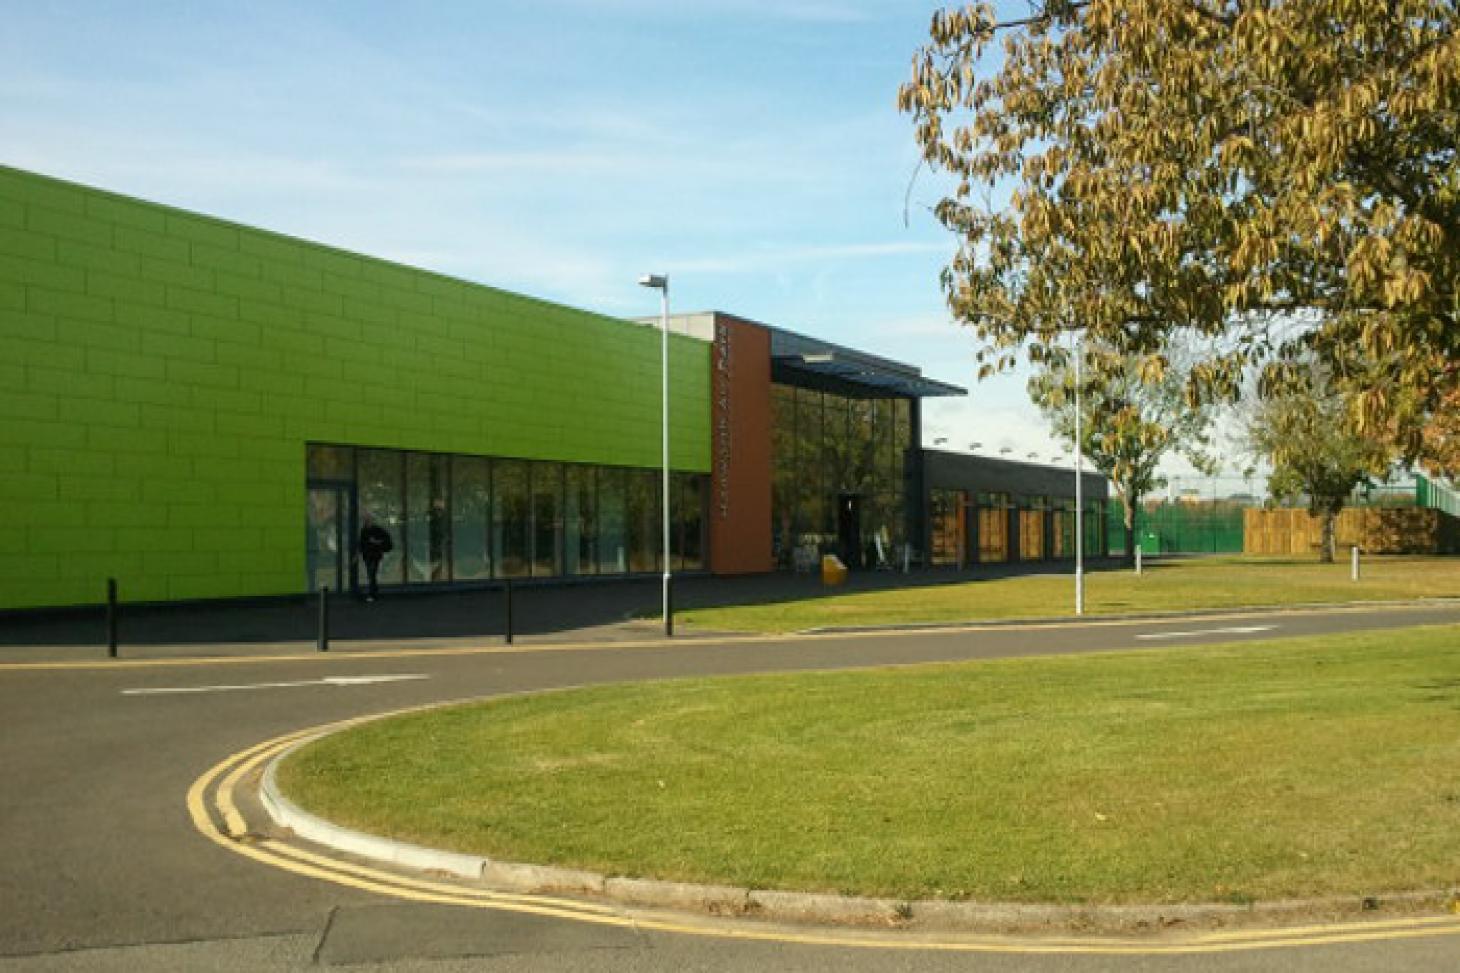 Hanworth Air Park Leisure Centre Outdoor | 3G Astroturf tennis court